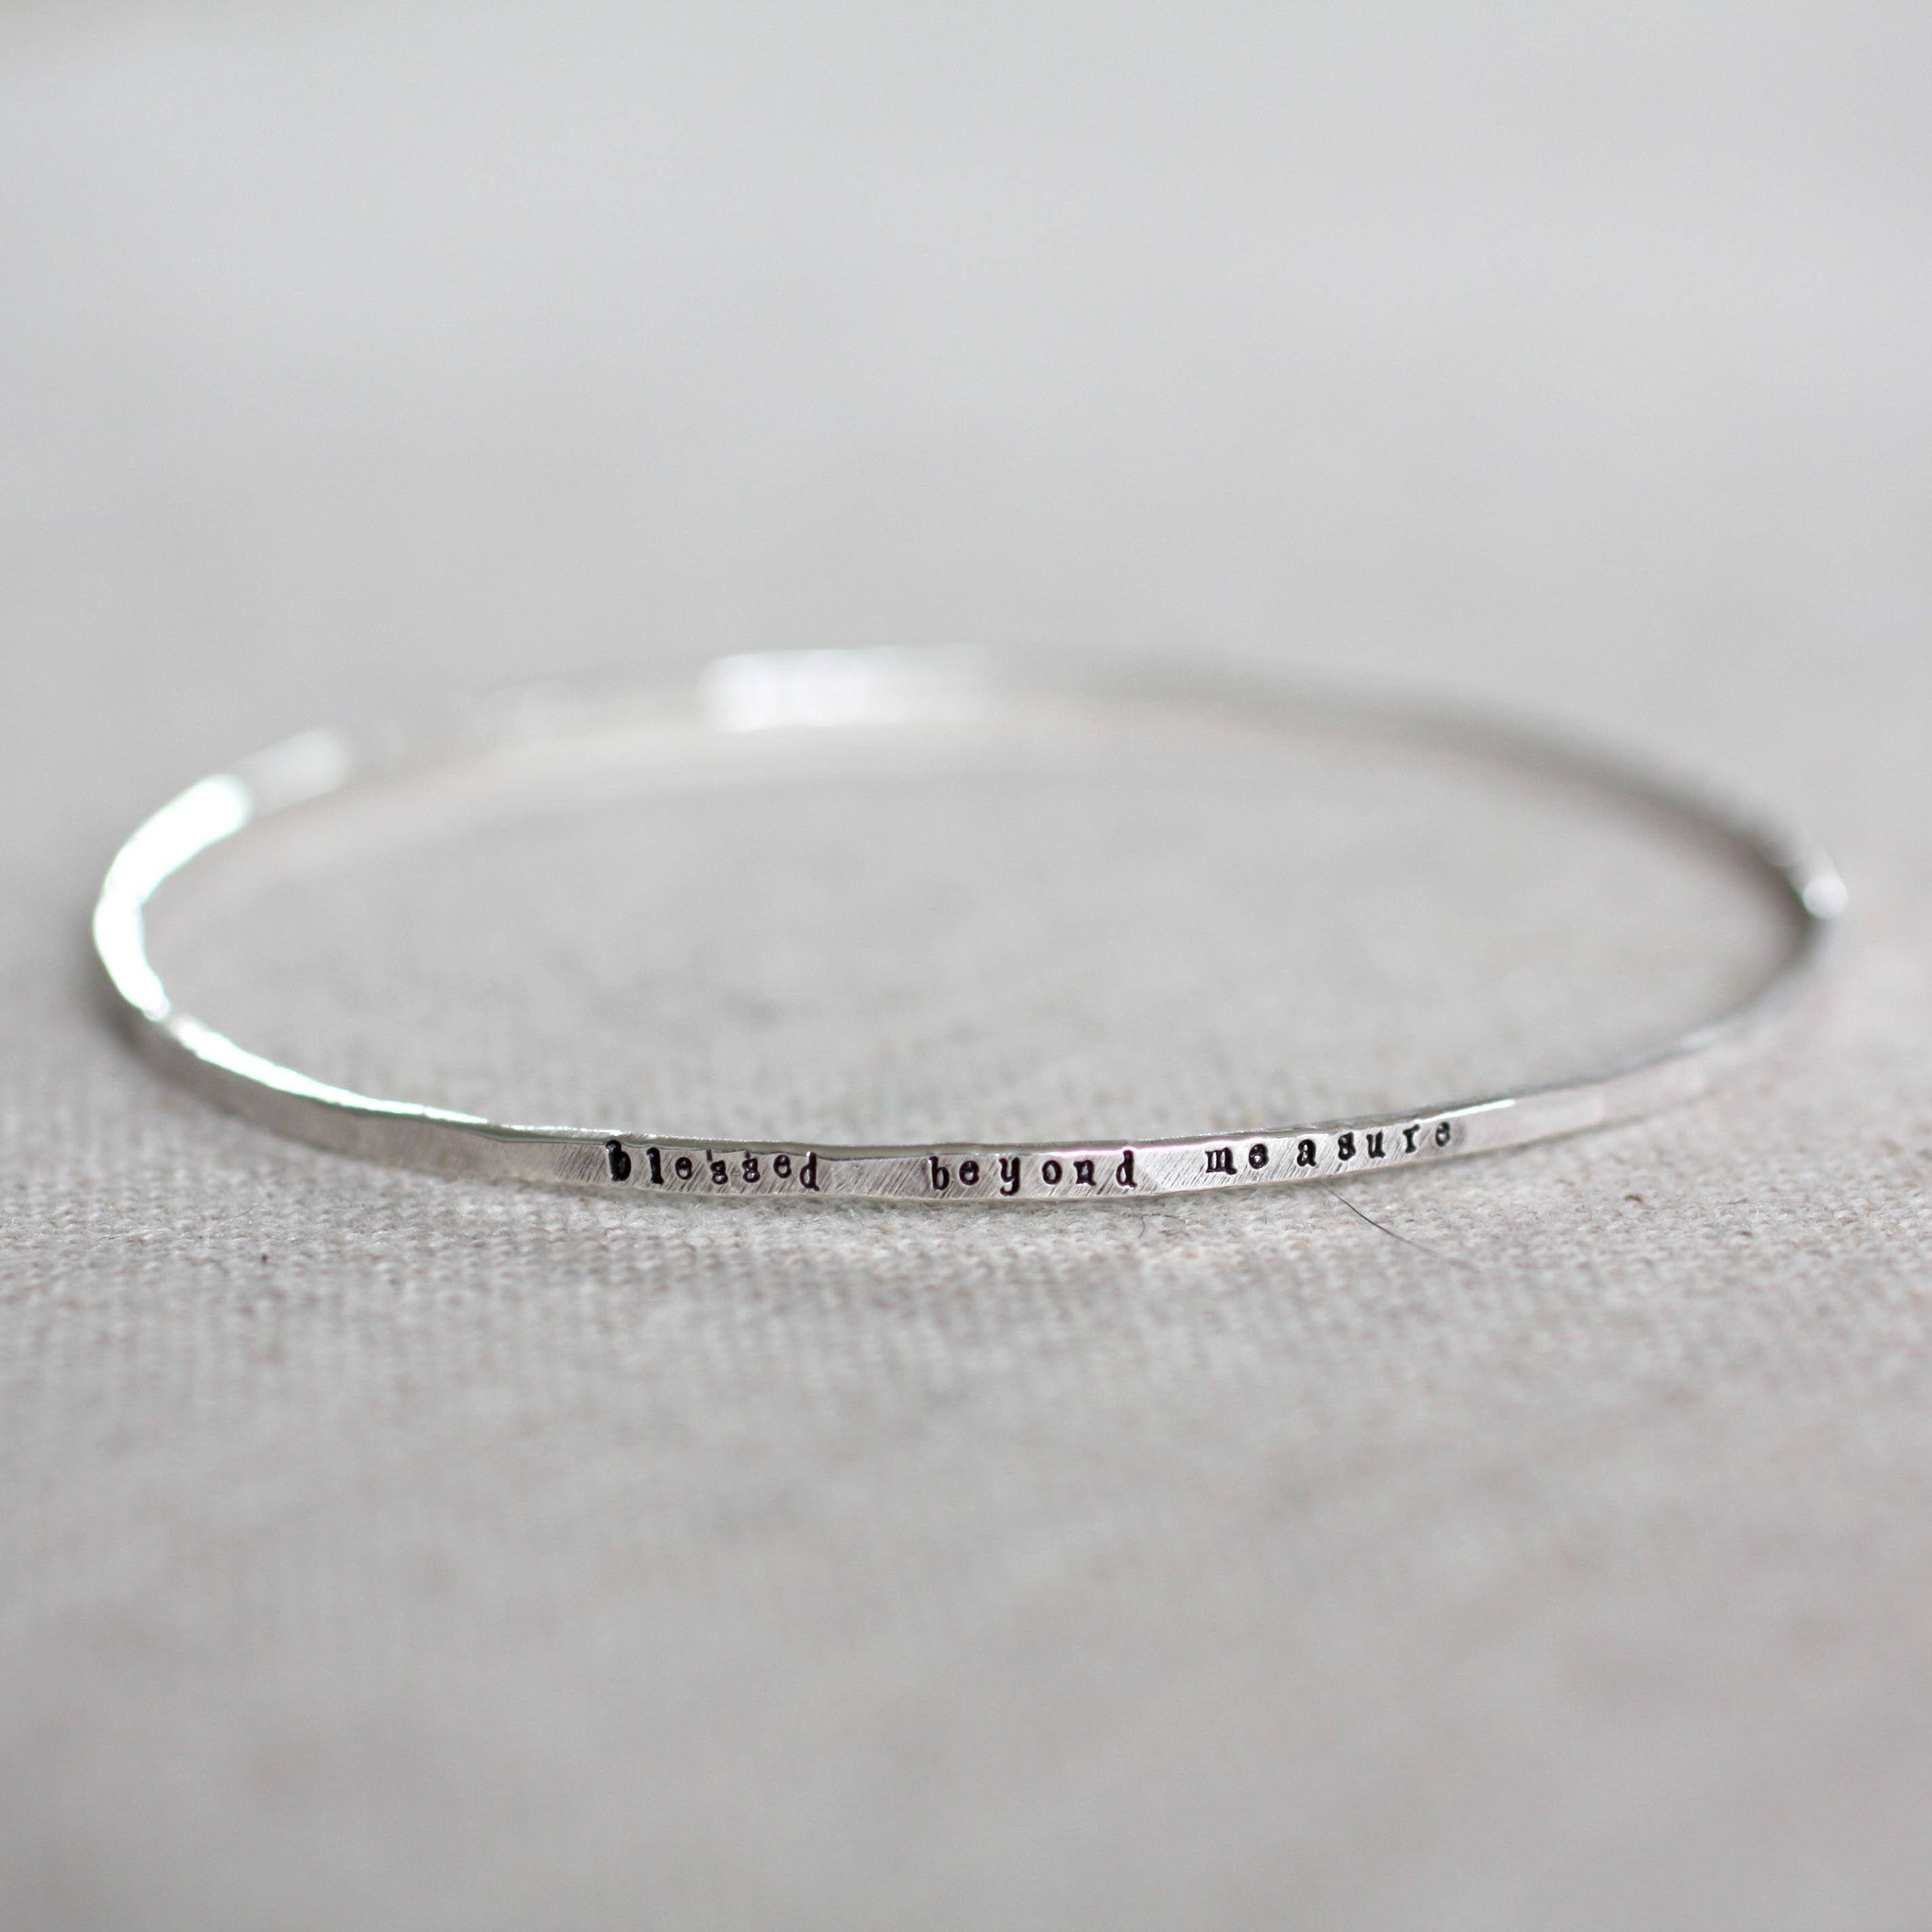 Stamped bangle bracelet | Continue reading, Gauges and Bangle